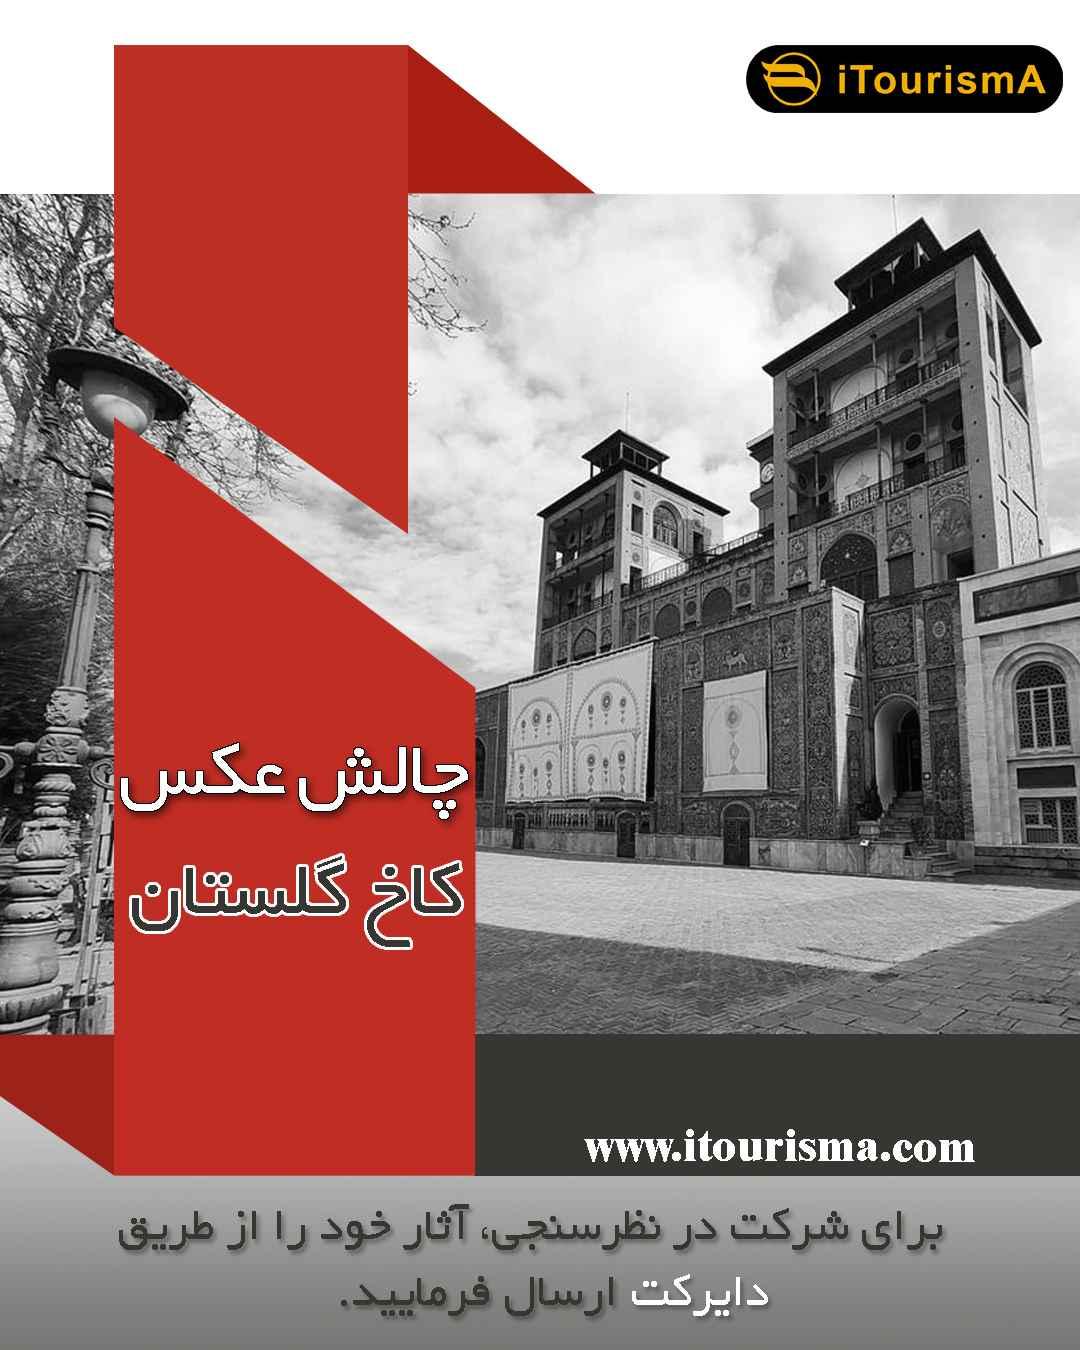 چالش عکس کاخ گلستان